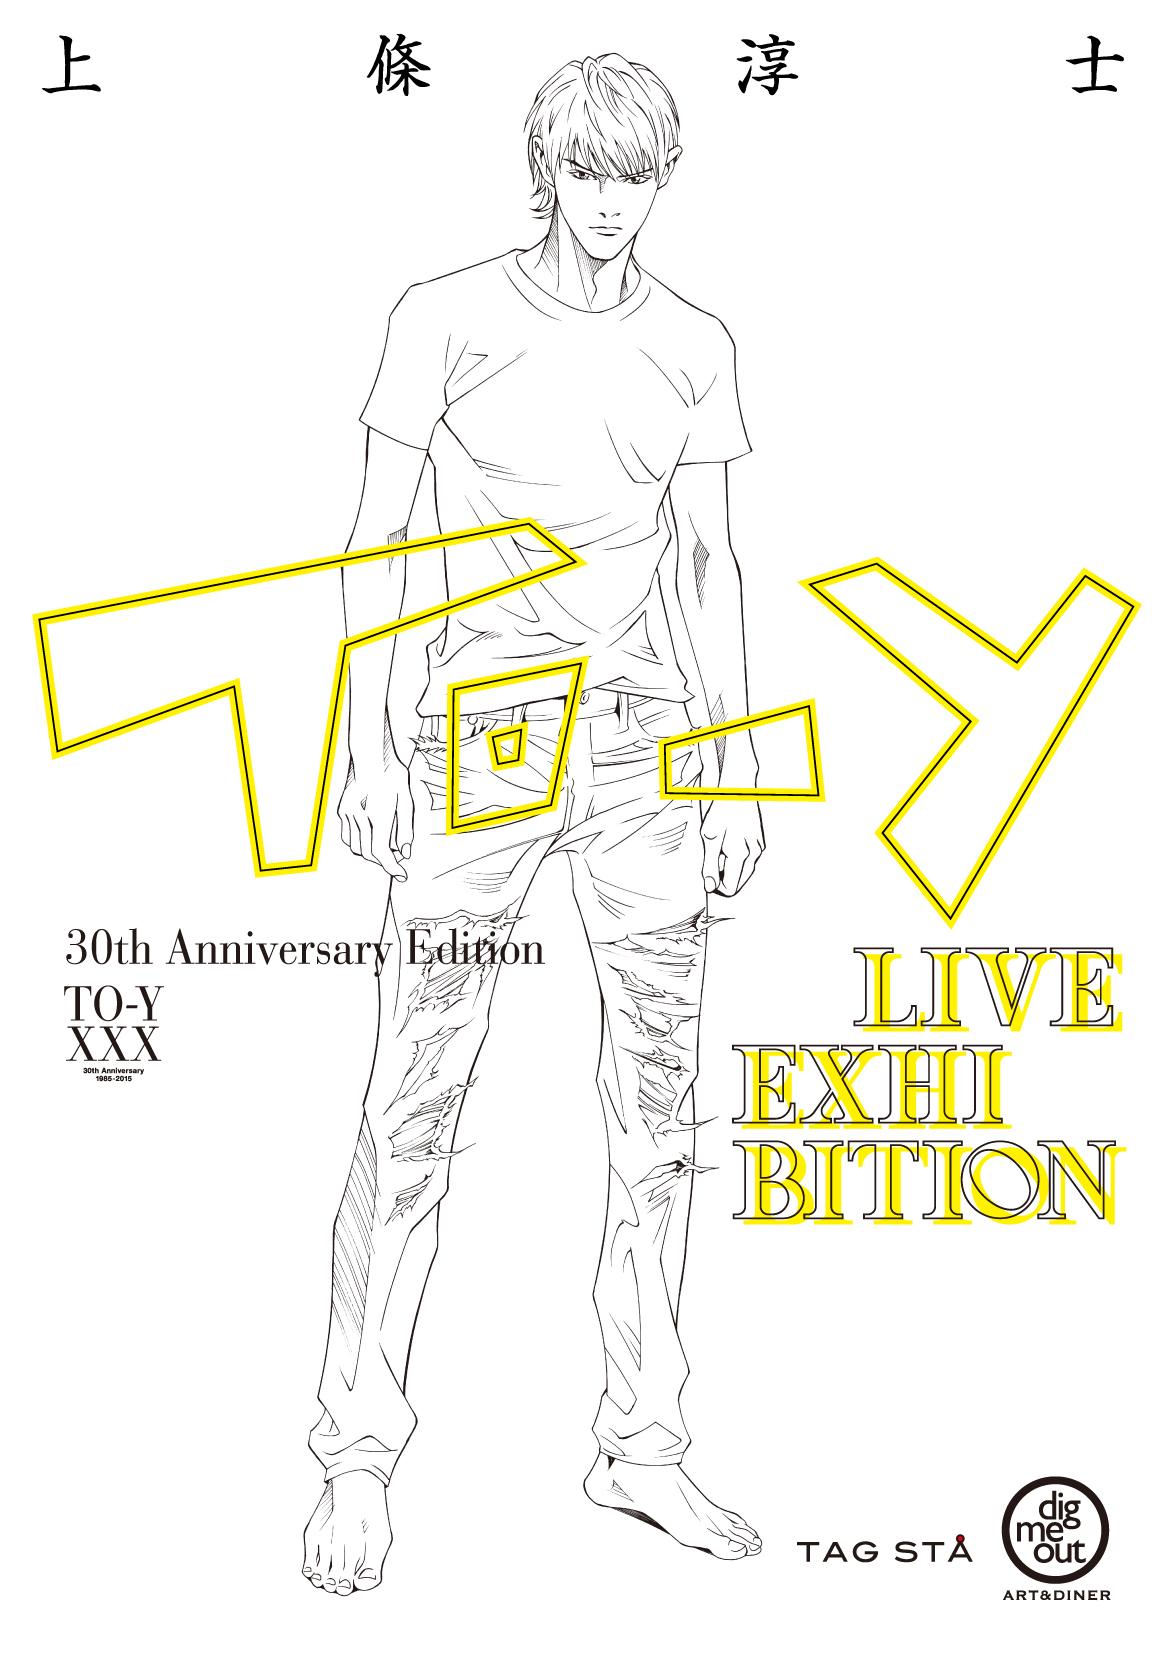 【福岡】上條淳士個展「LIVE」:2016年3月10日(木)~3月27日(日)